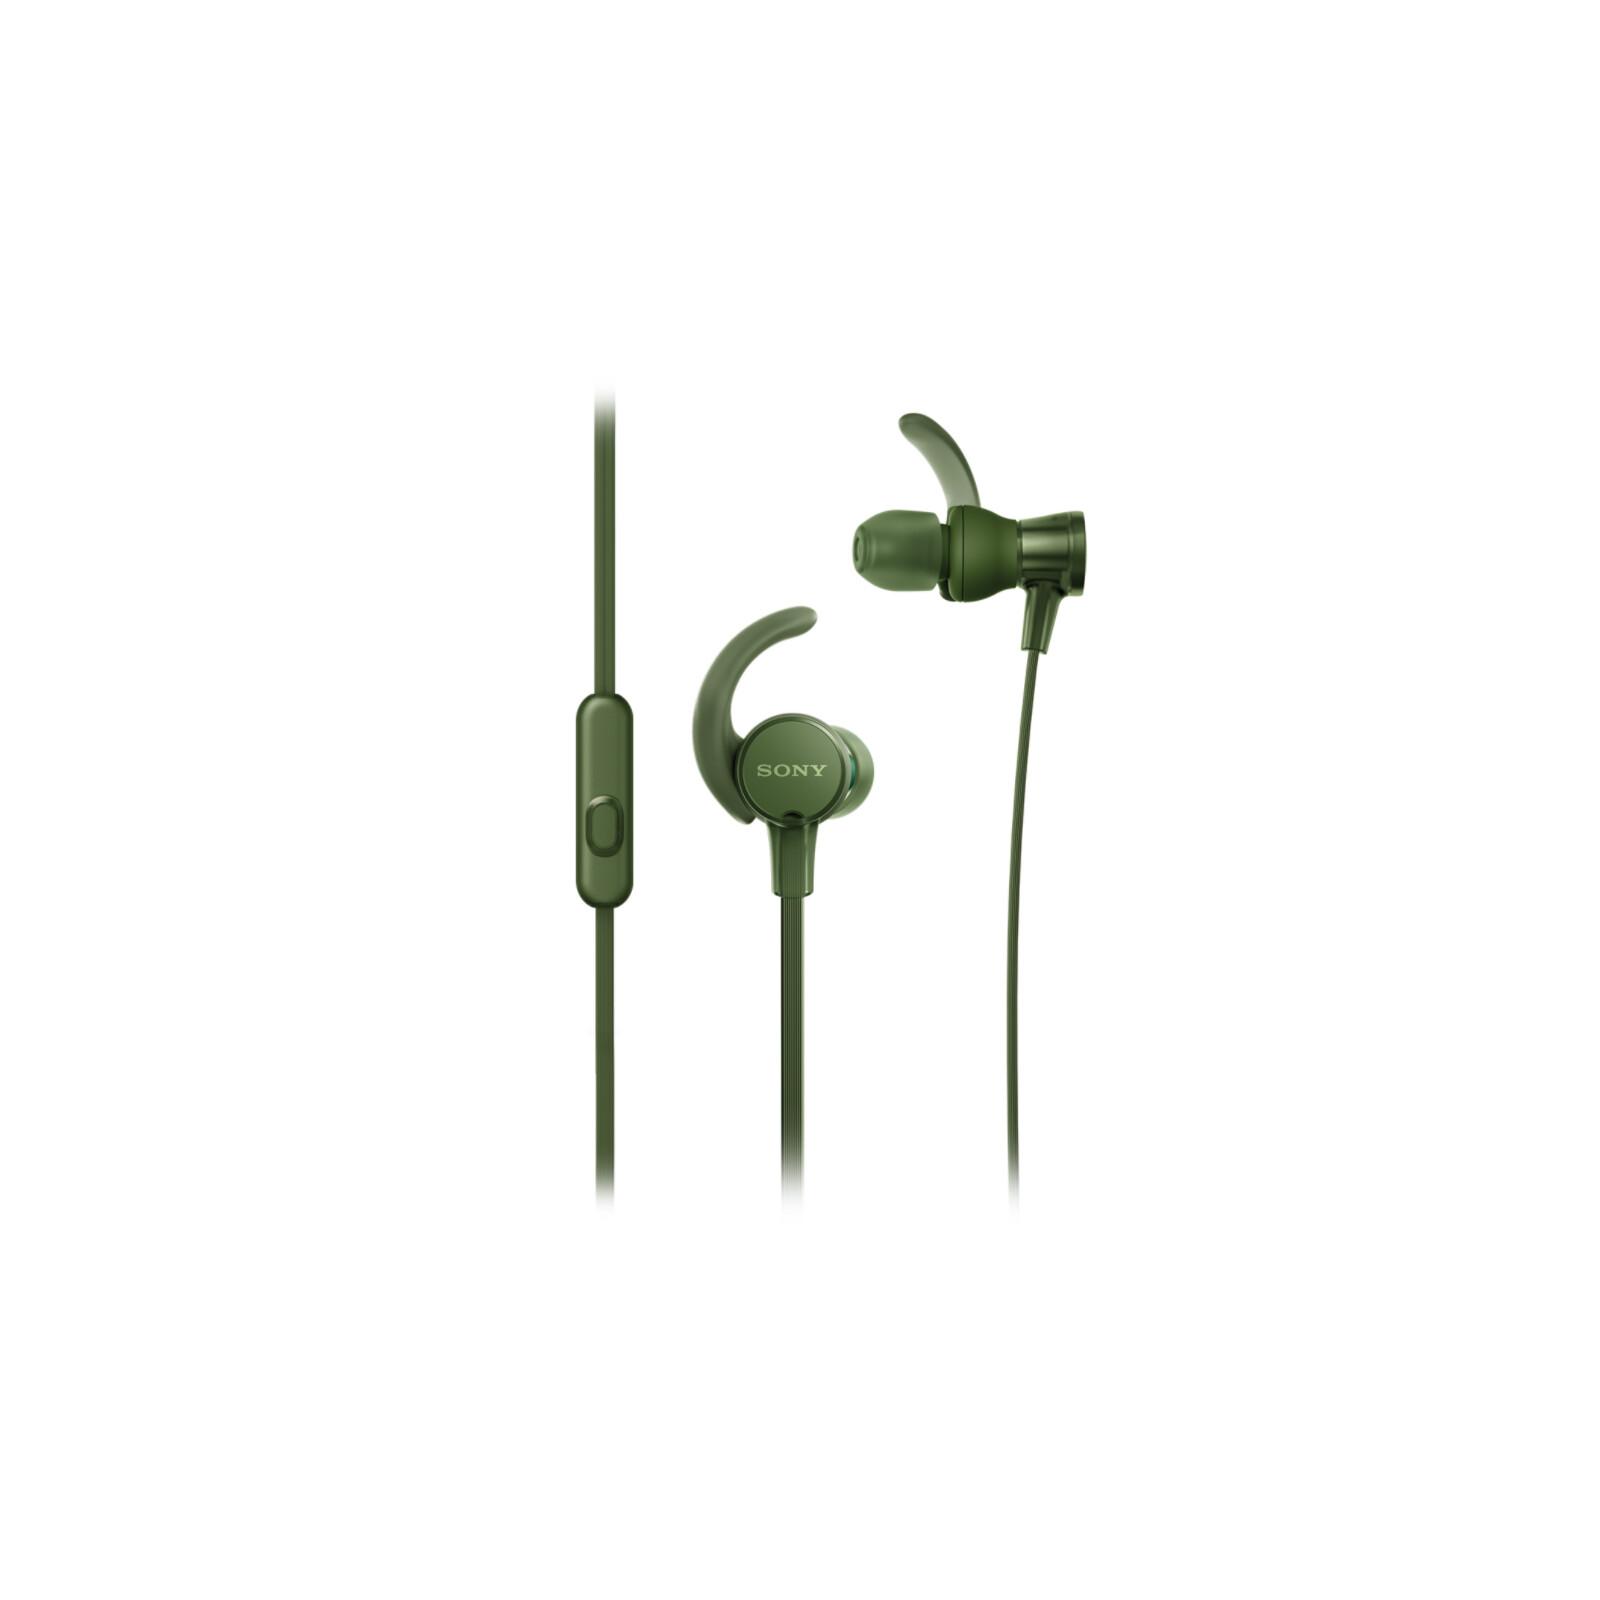 Sony MDR-XB510ASG In-Ear